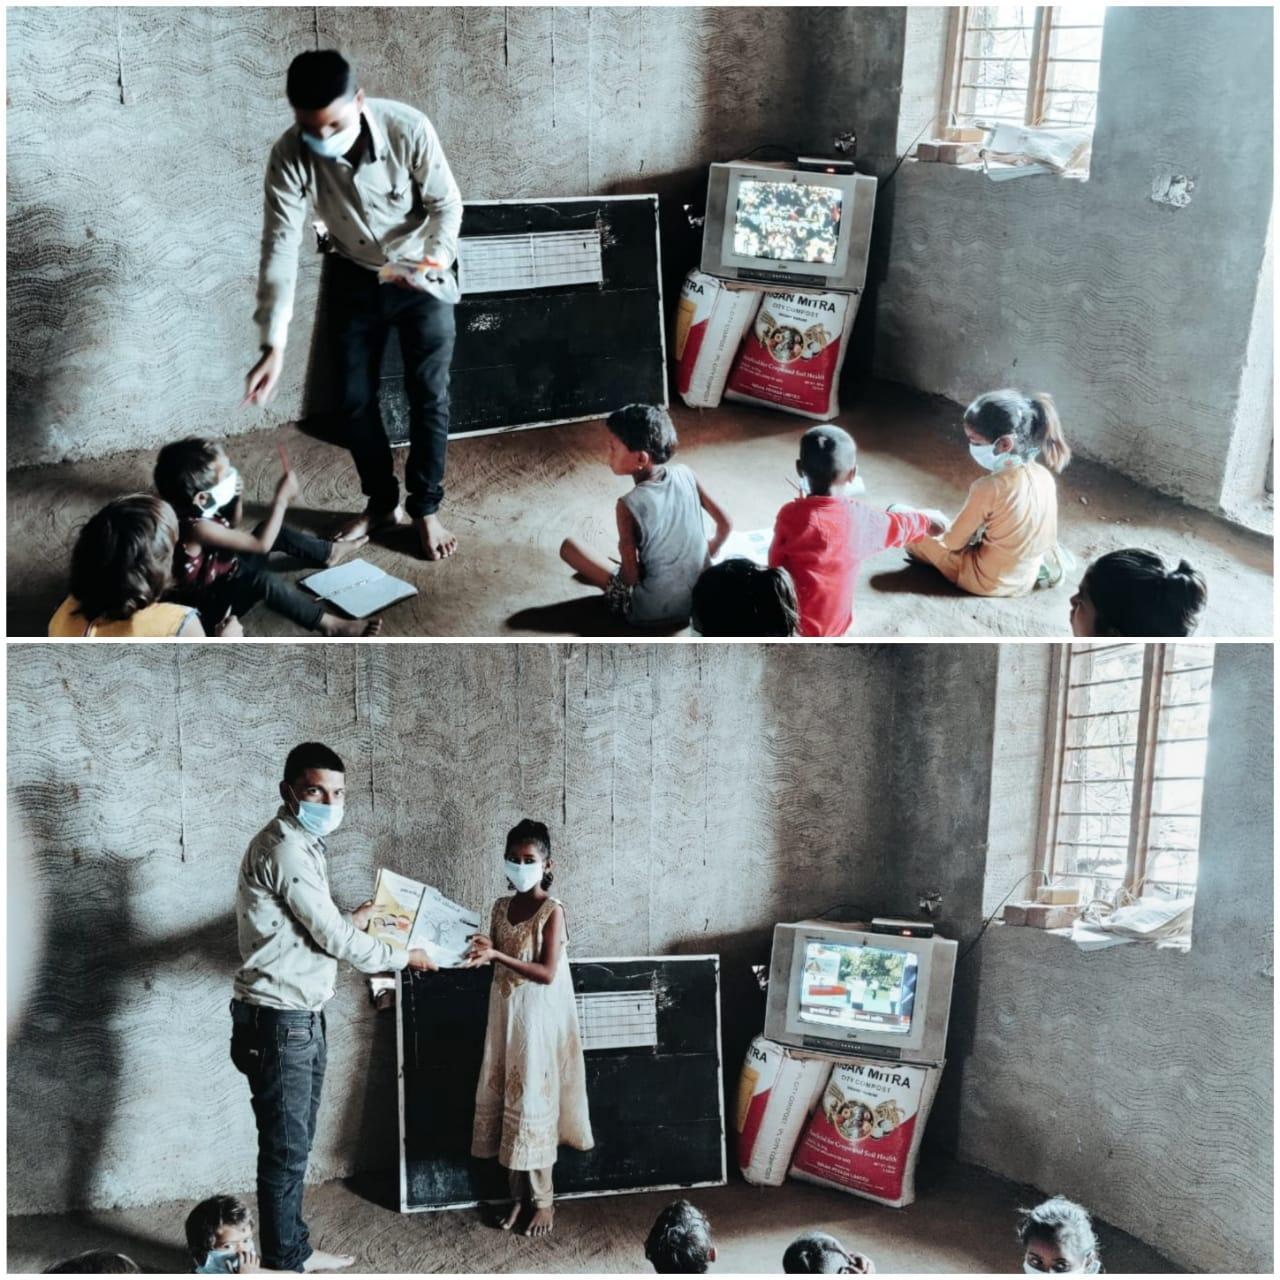 ડબલારા શાળાના શિક્ષક રવીન્દ્ર પ્રજાપતિ.